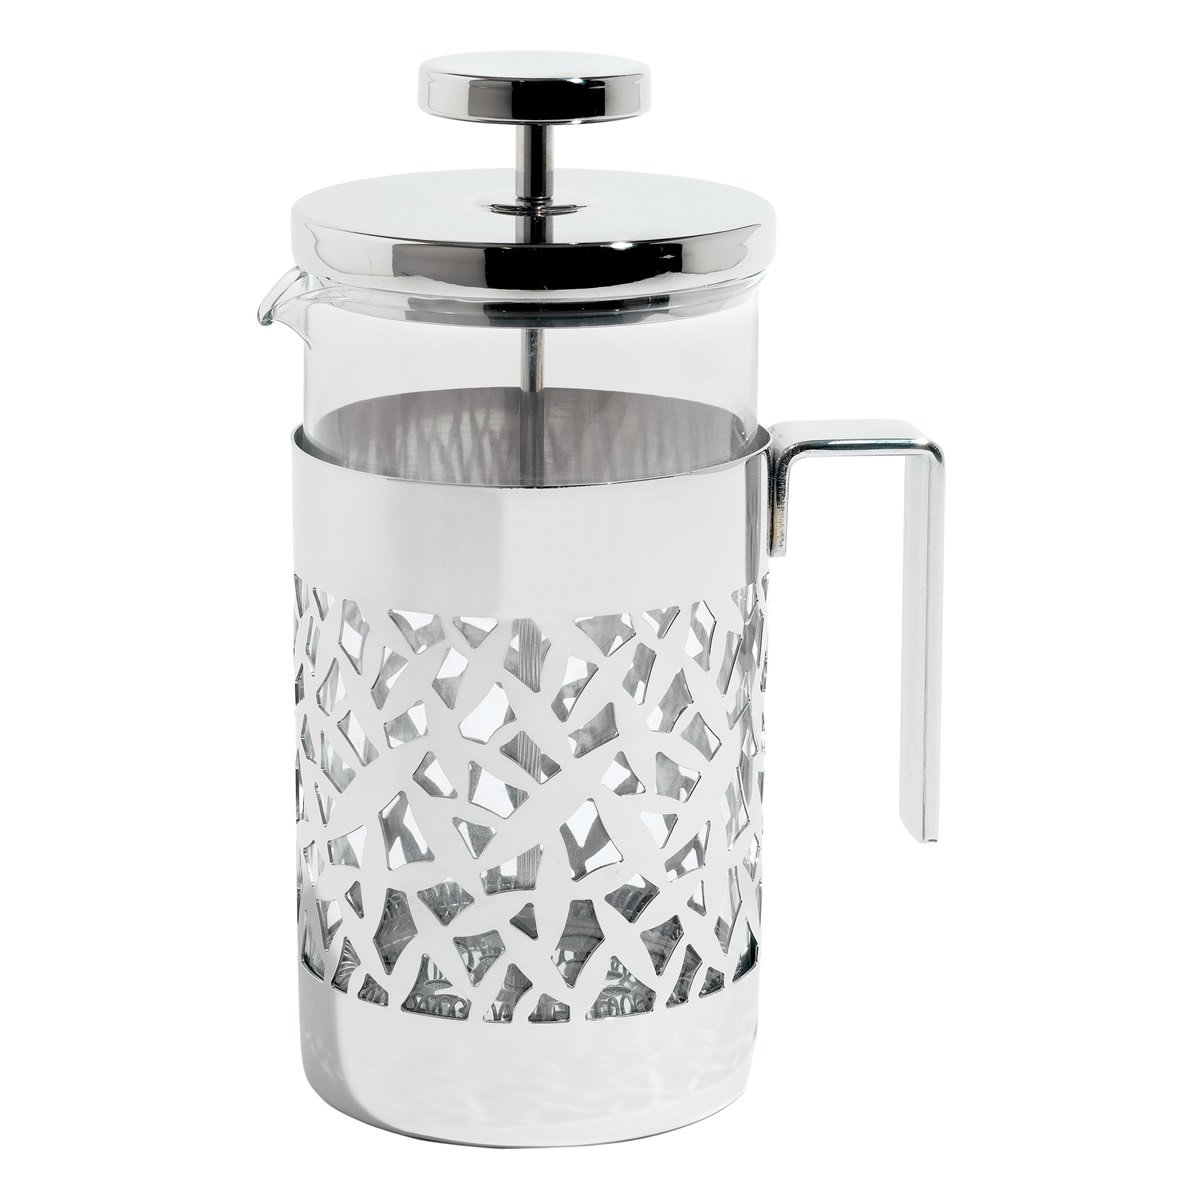 Acquisto Alessi – MSA12/8 – CACTUS! Caffettiera a presso-filtro o infusiera in acciaio inossidabile 18/10 lucido e vetro pirofilo. Prezzi offerta